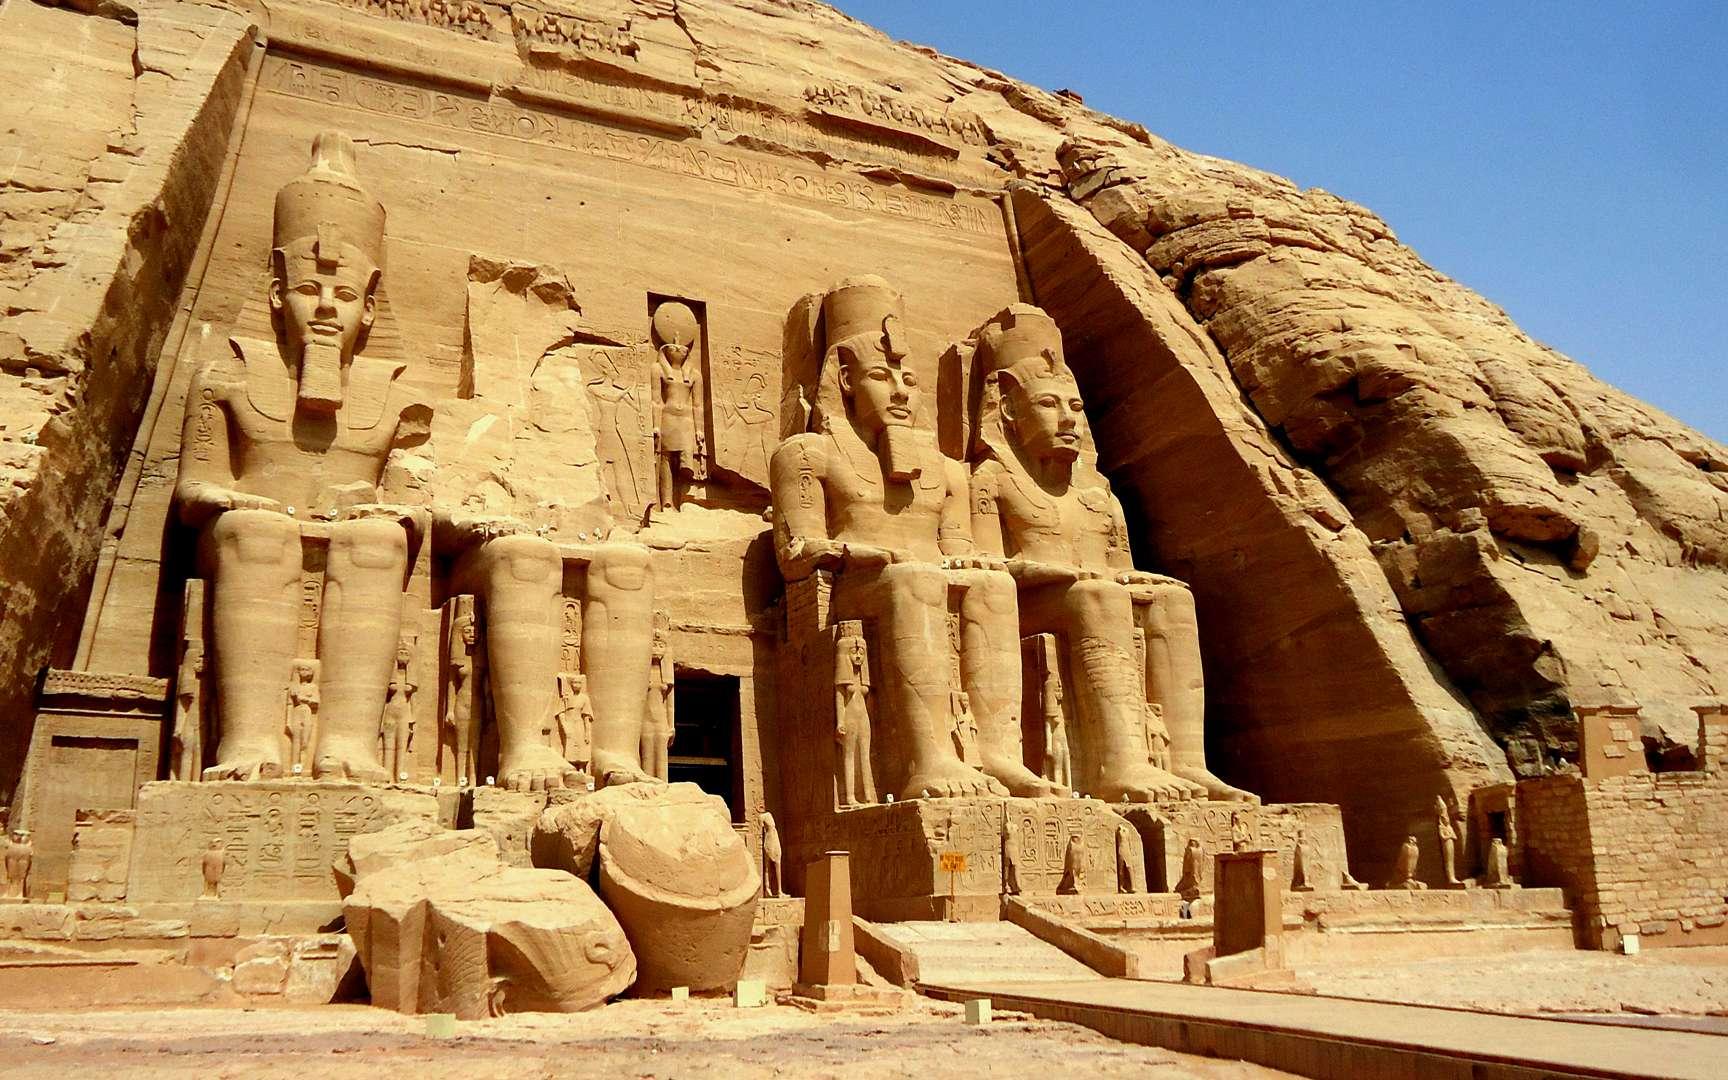 Le grand temple d'Abou Simbel. Vue de la façade du grand temple d'Abou Simbel, avec les quatre colosses de Ramsès II et, au premier plan, le pylône et une partie du péribole en briques de limon du Nil. © Amre Ghiba, Flickr, CC by-nc-sa 2.0